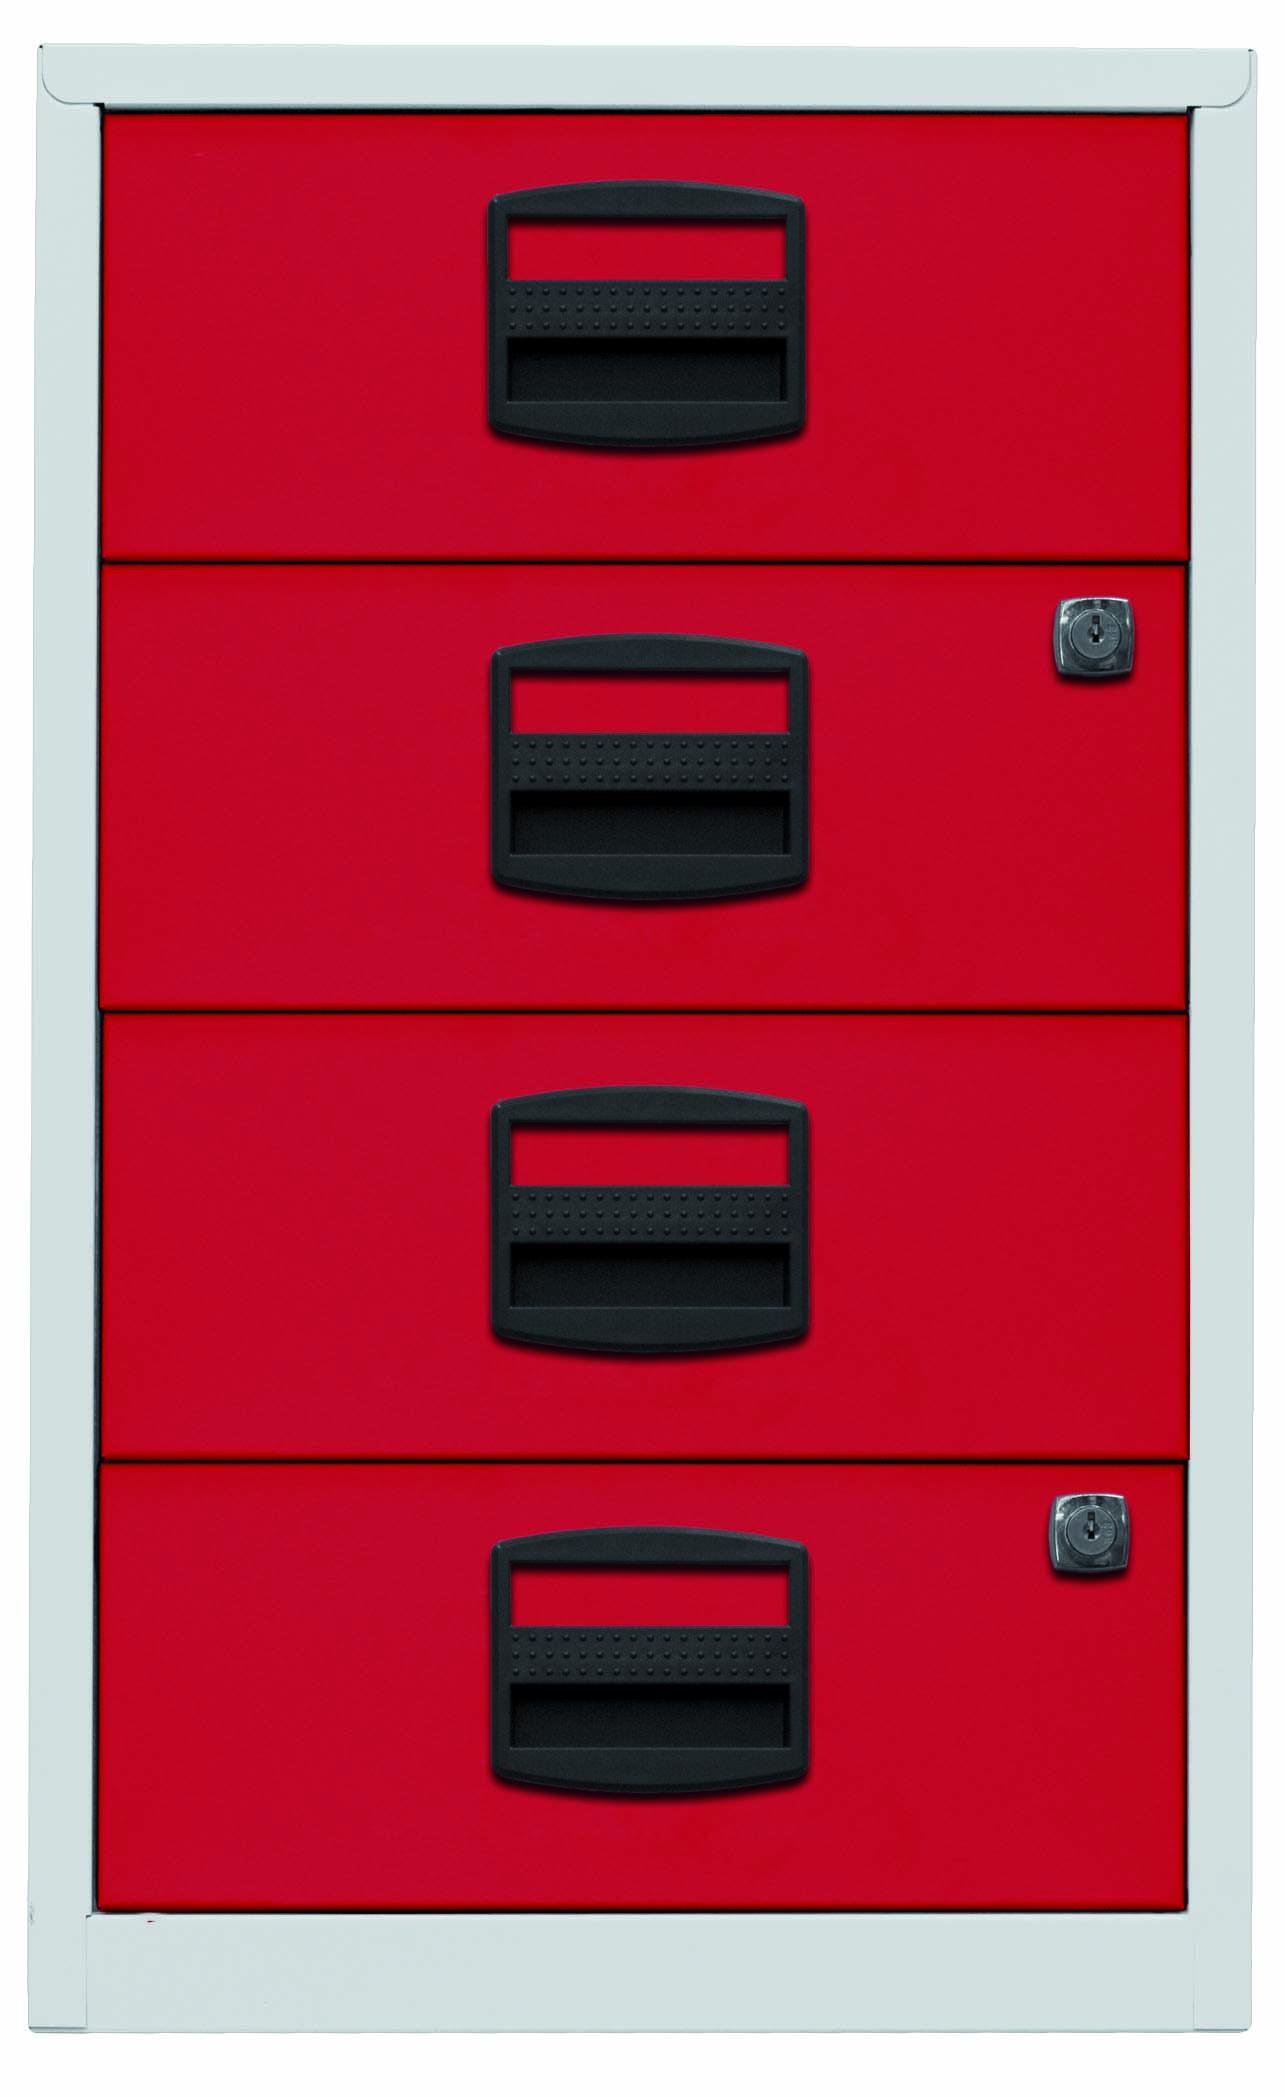 Beistellschrank PFA, 4 Universalschubladen, Farbe Korpus lichtgrau, Fronten kardinalrot